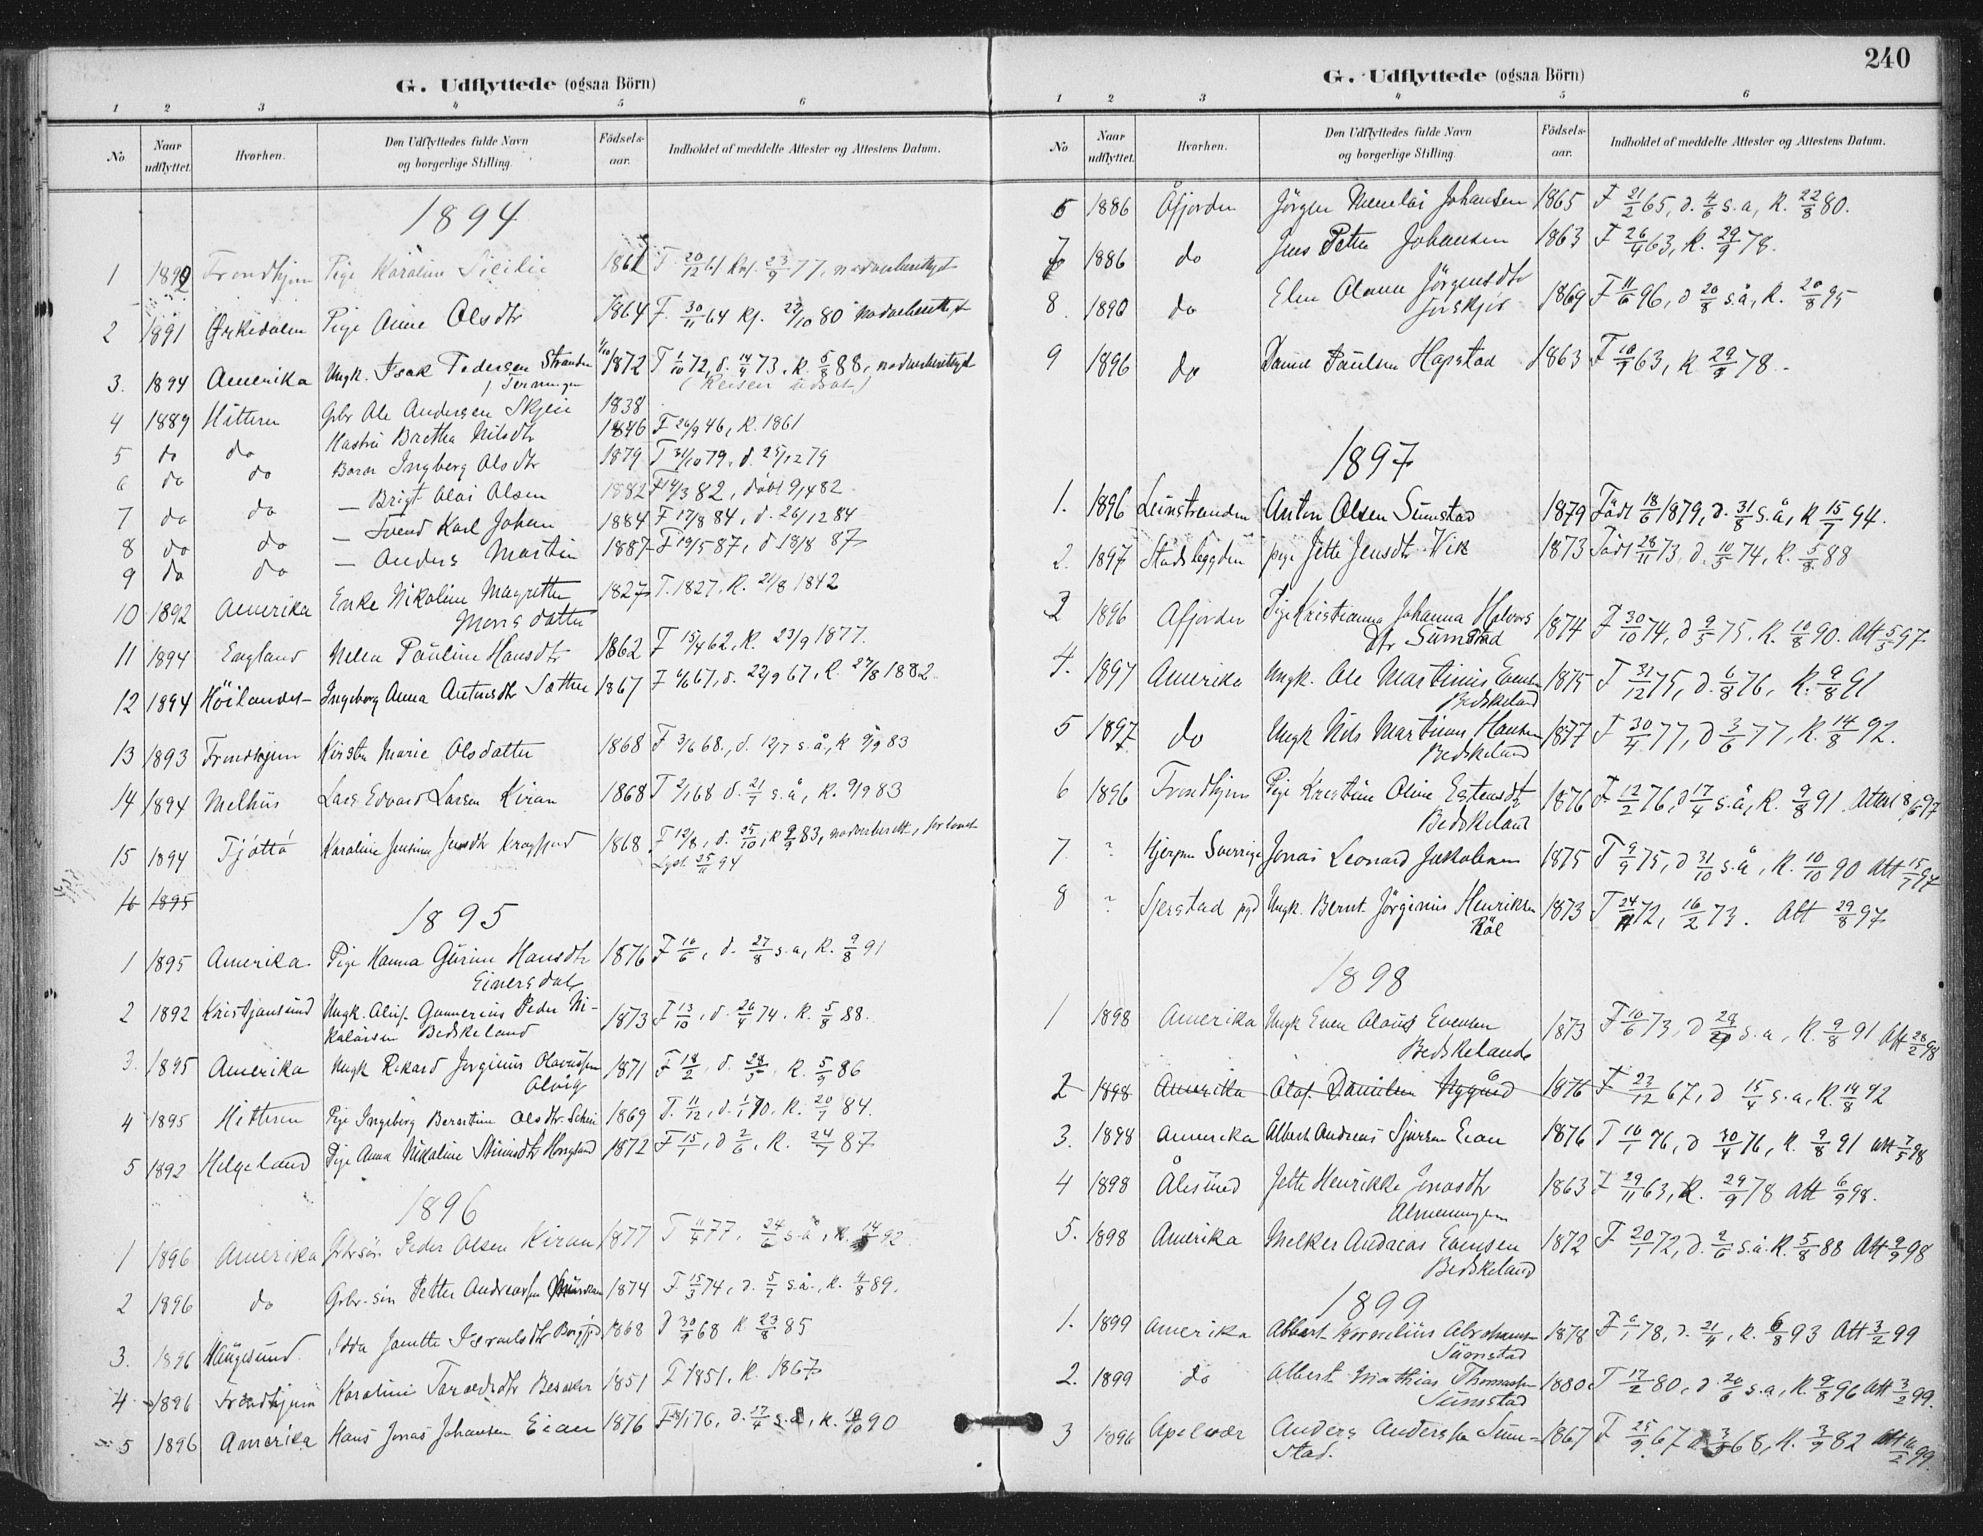 SAT, Ministerialprotokoller, klokkerbøker og fødselsregistre - Sør-Trøndelag, 657/L0708: Ministerialbok nr. 657A09, 1894-1904, s. 240